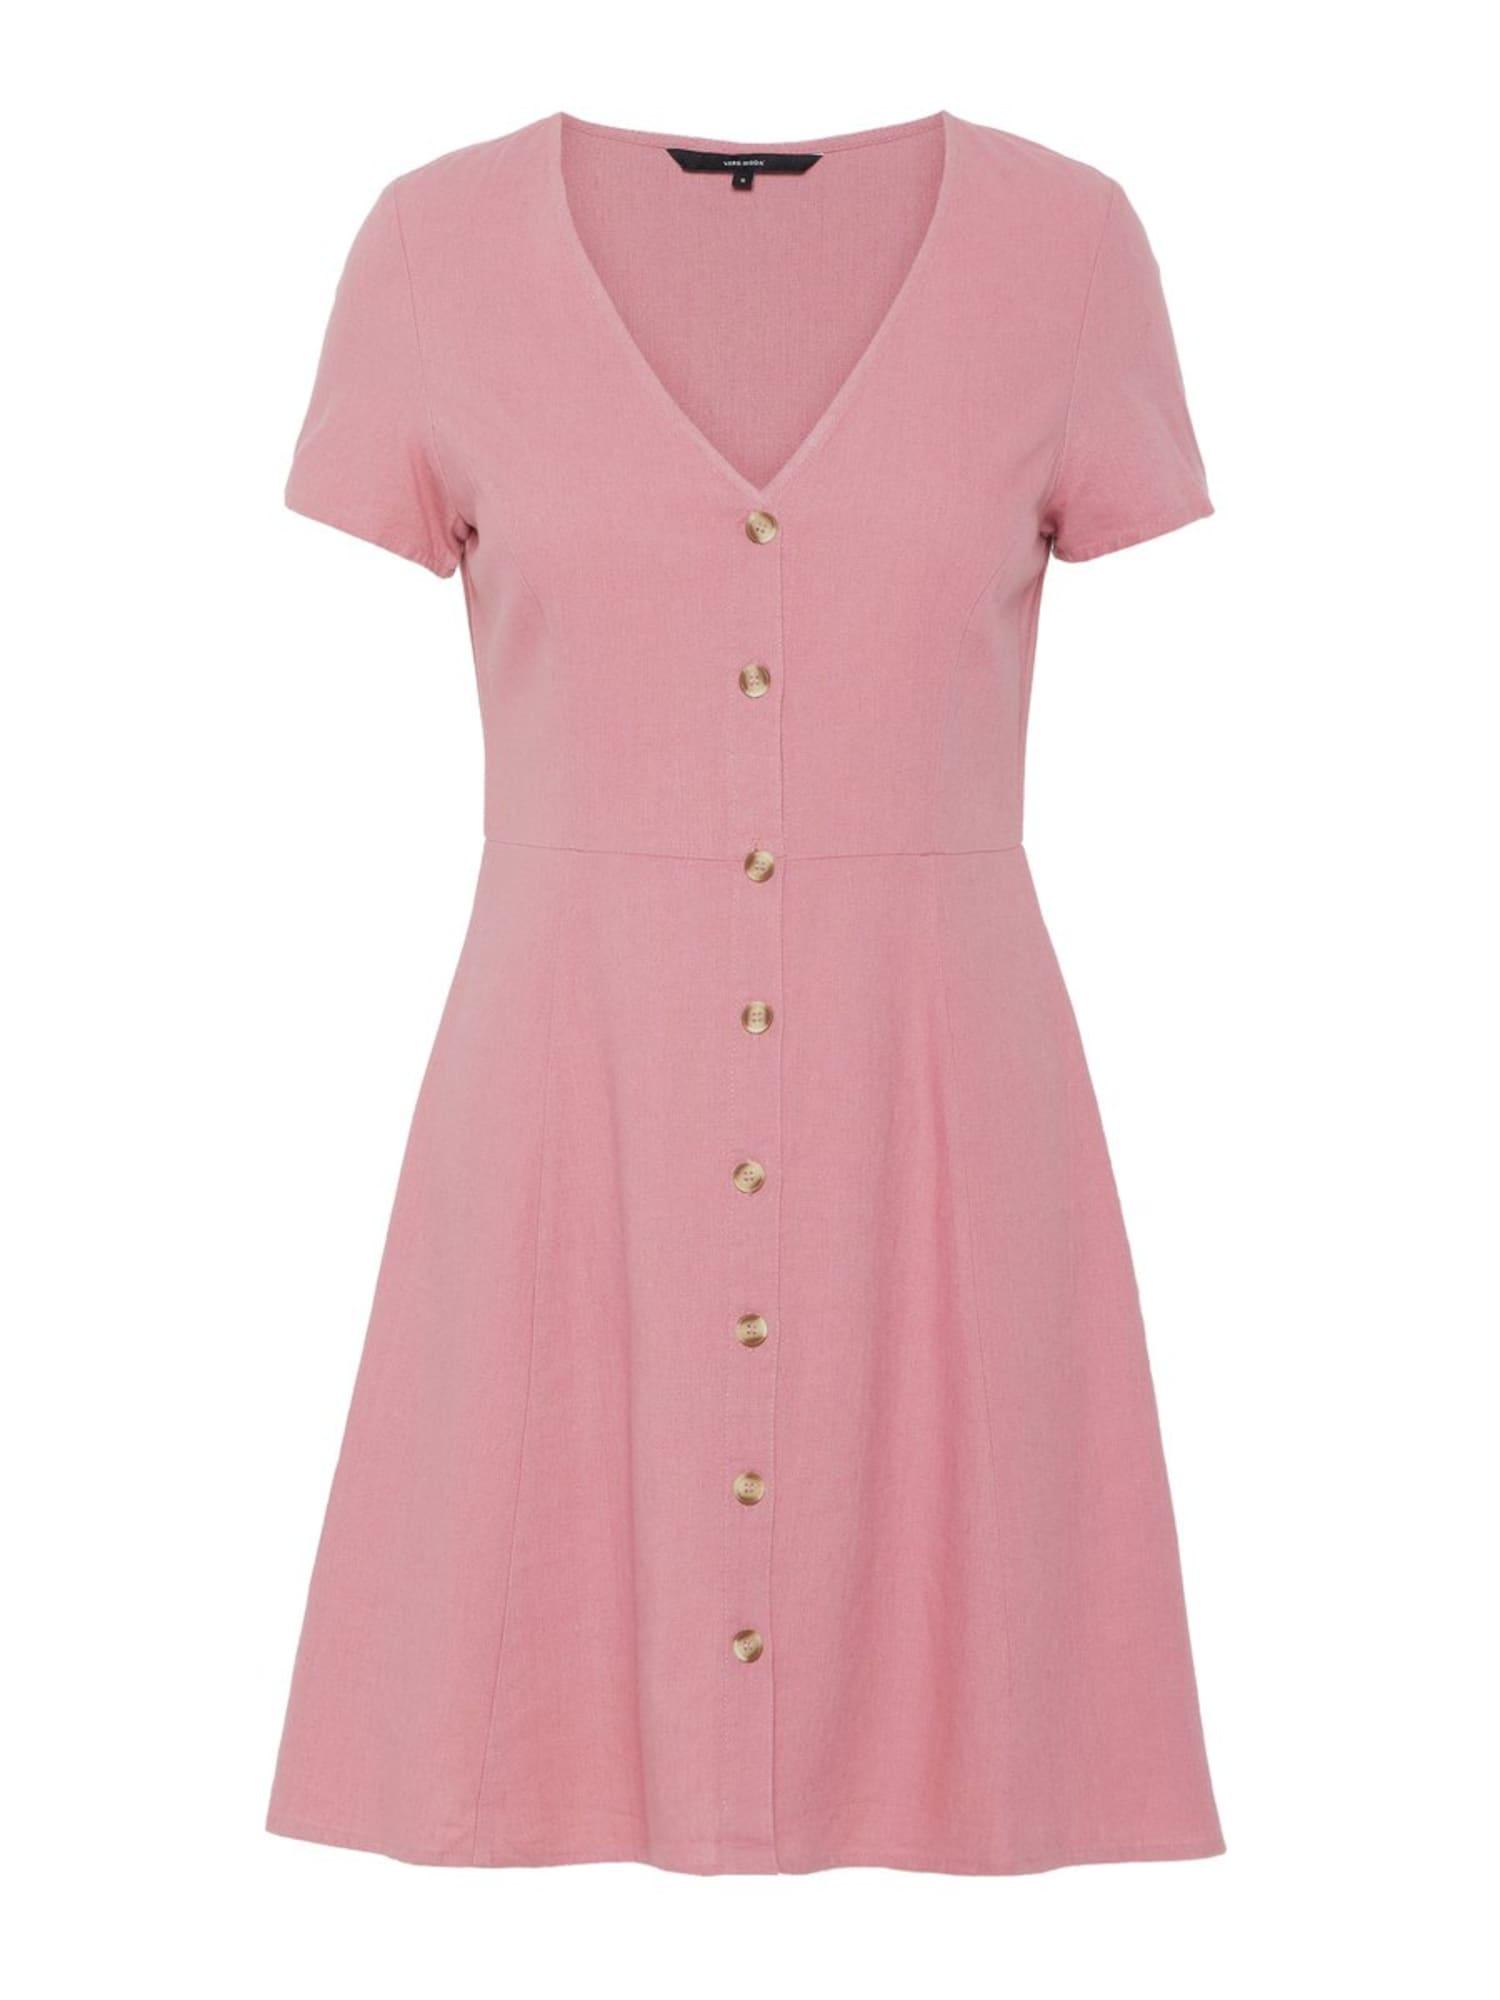 Letní šaty Anna starorůžová VERO MODA